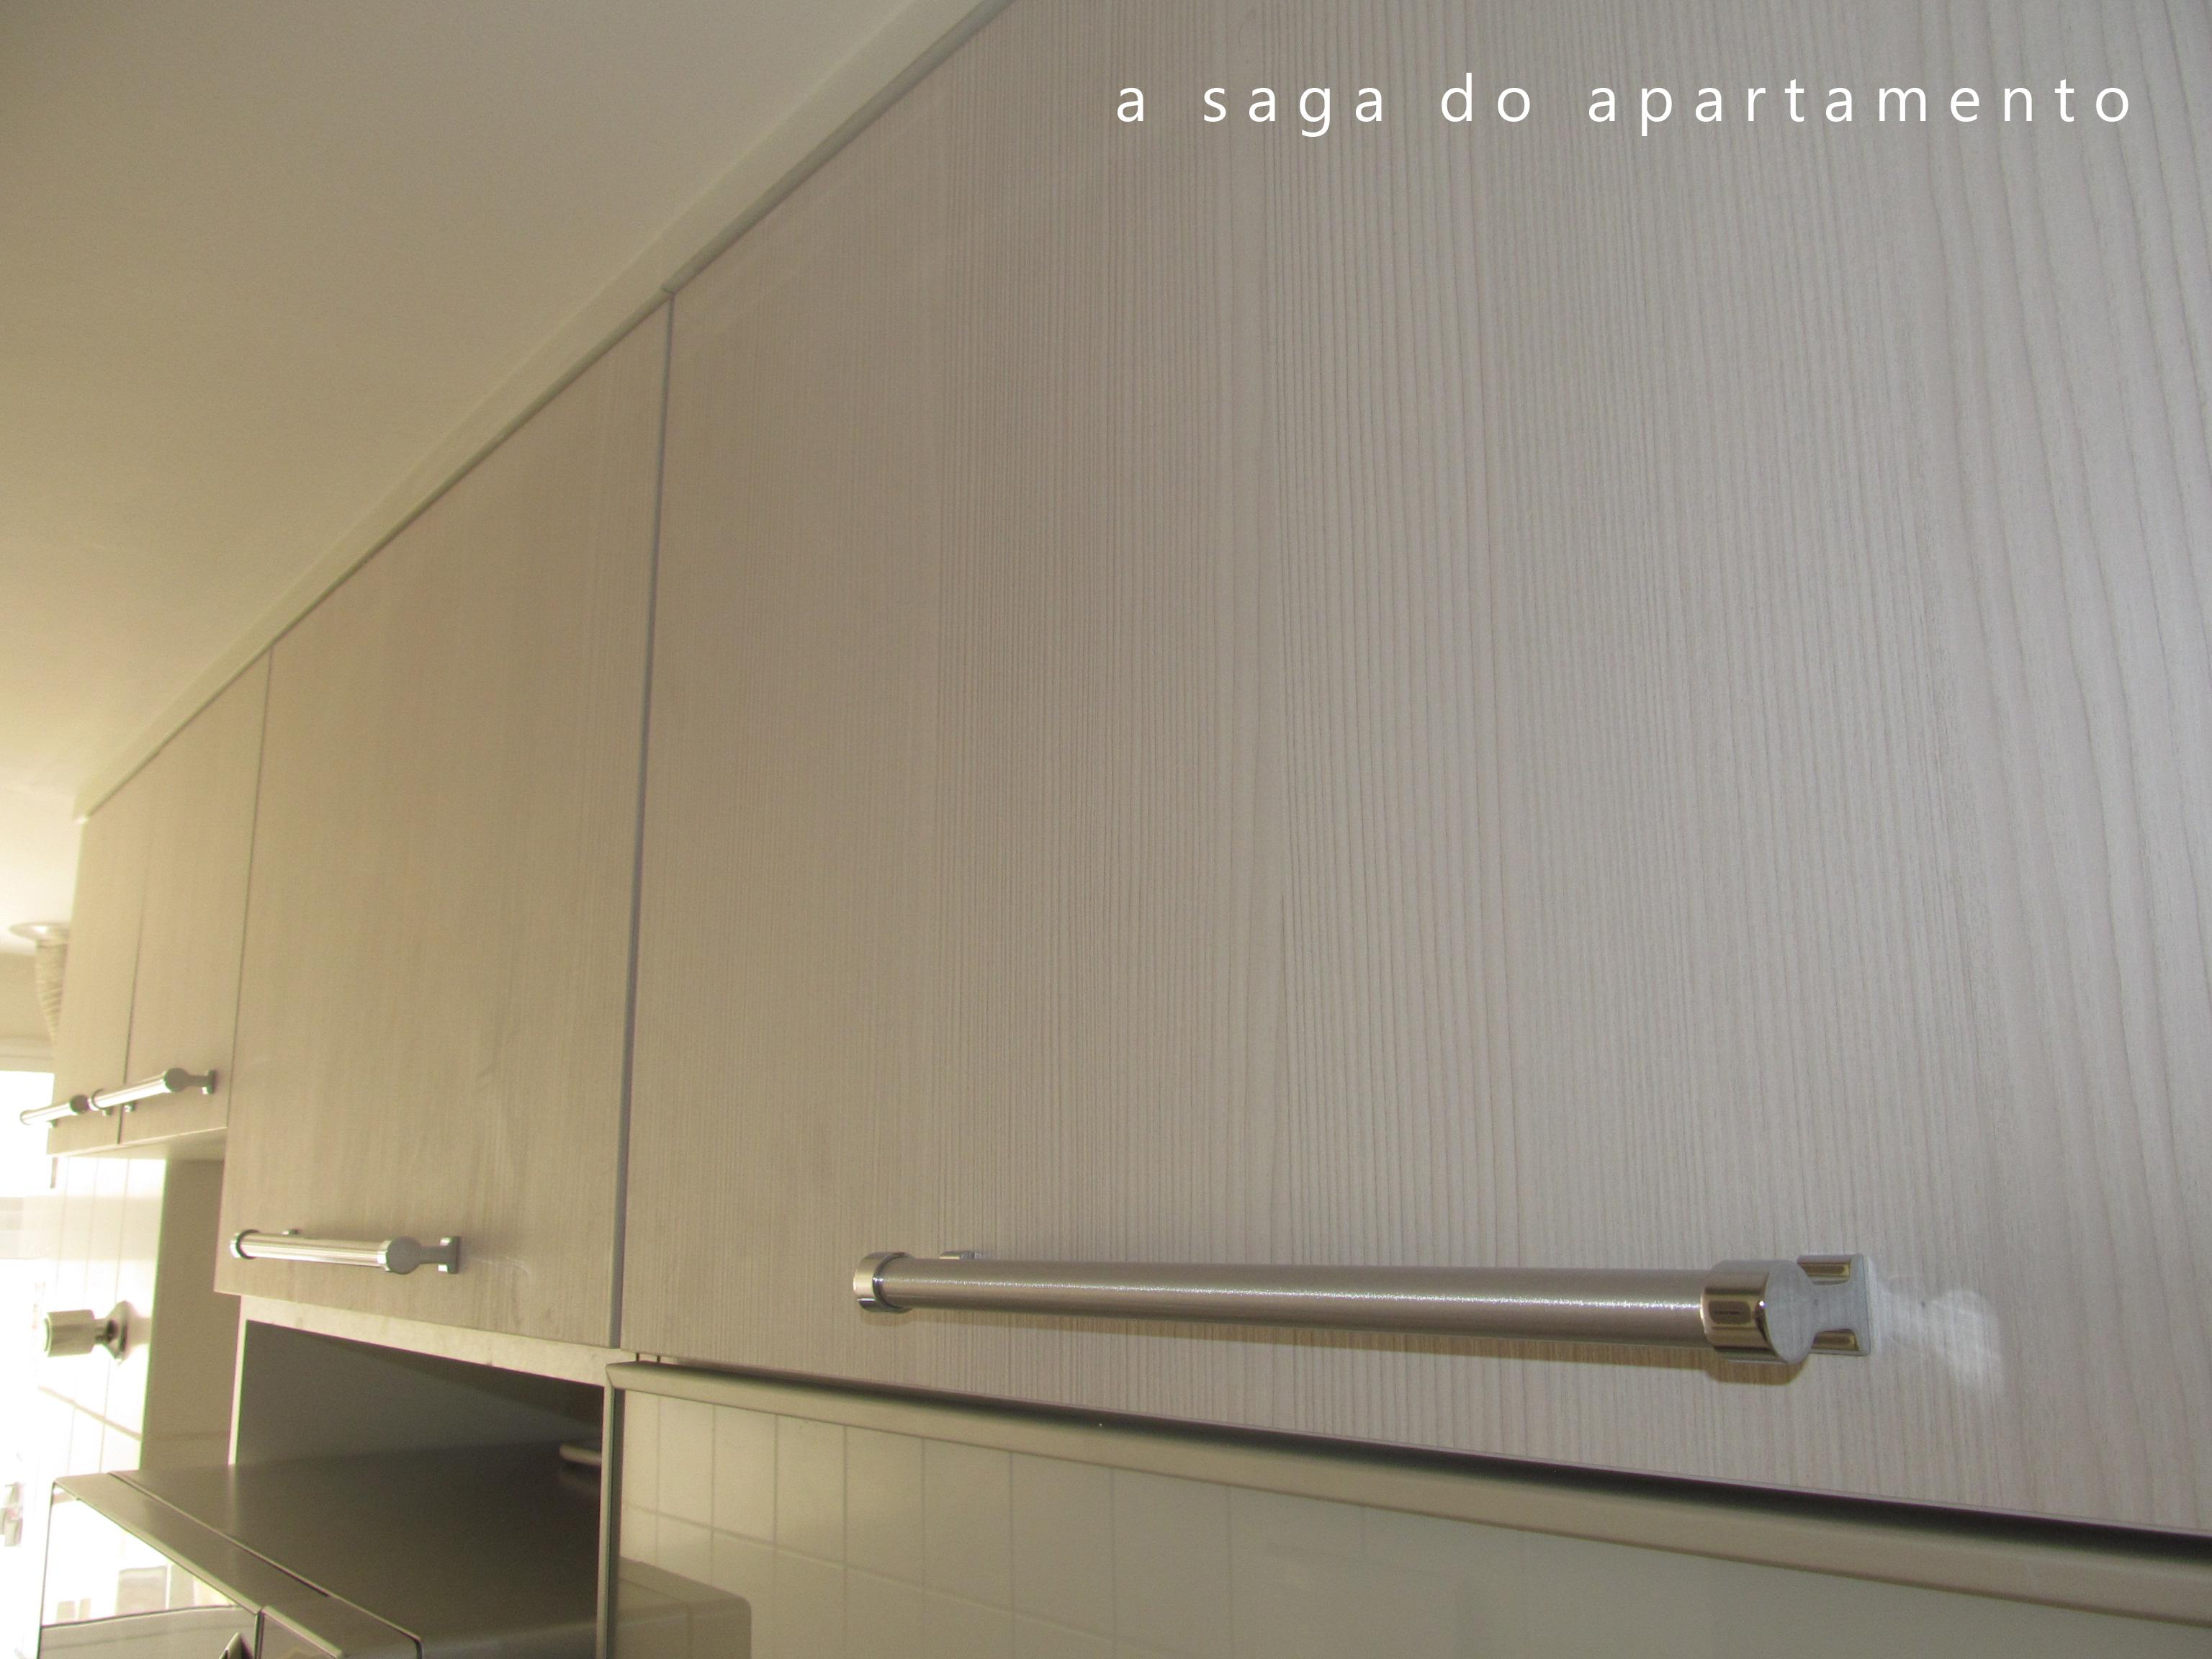 Finalmente os Móveis Planejados da Cozinha!!! – Italínea | a saga